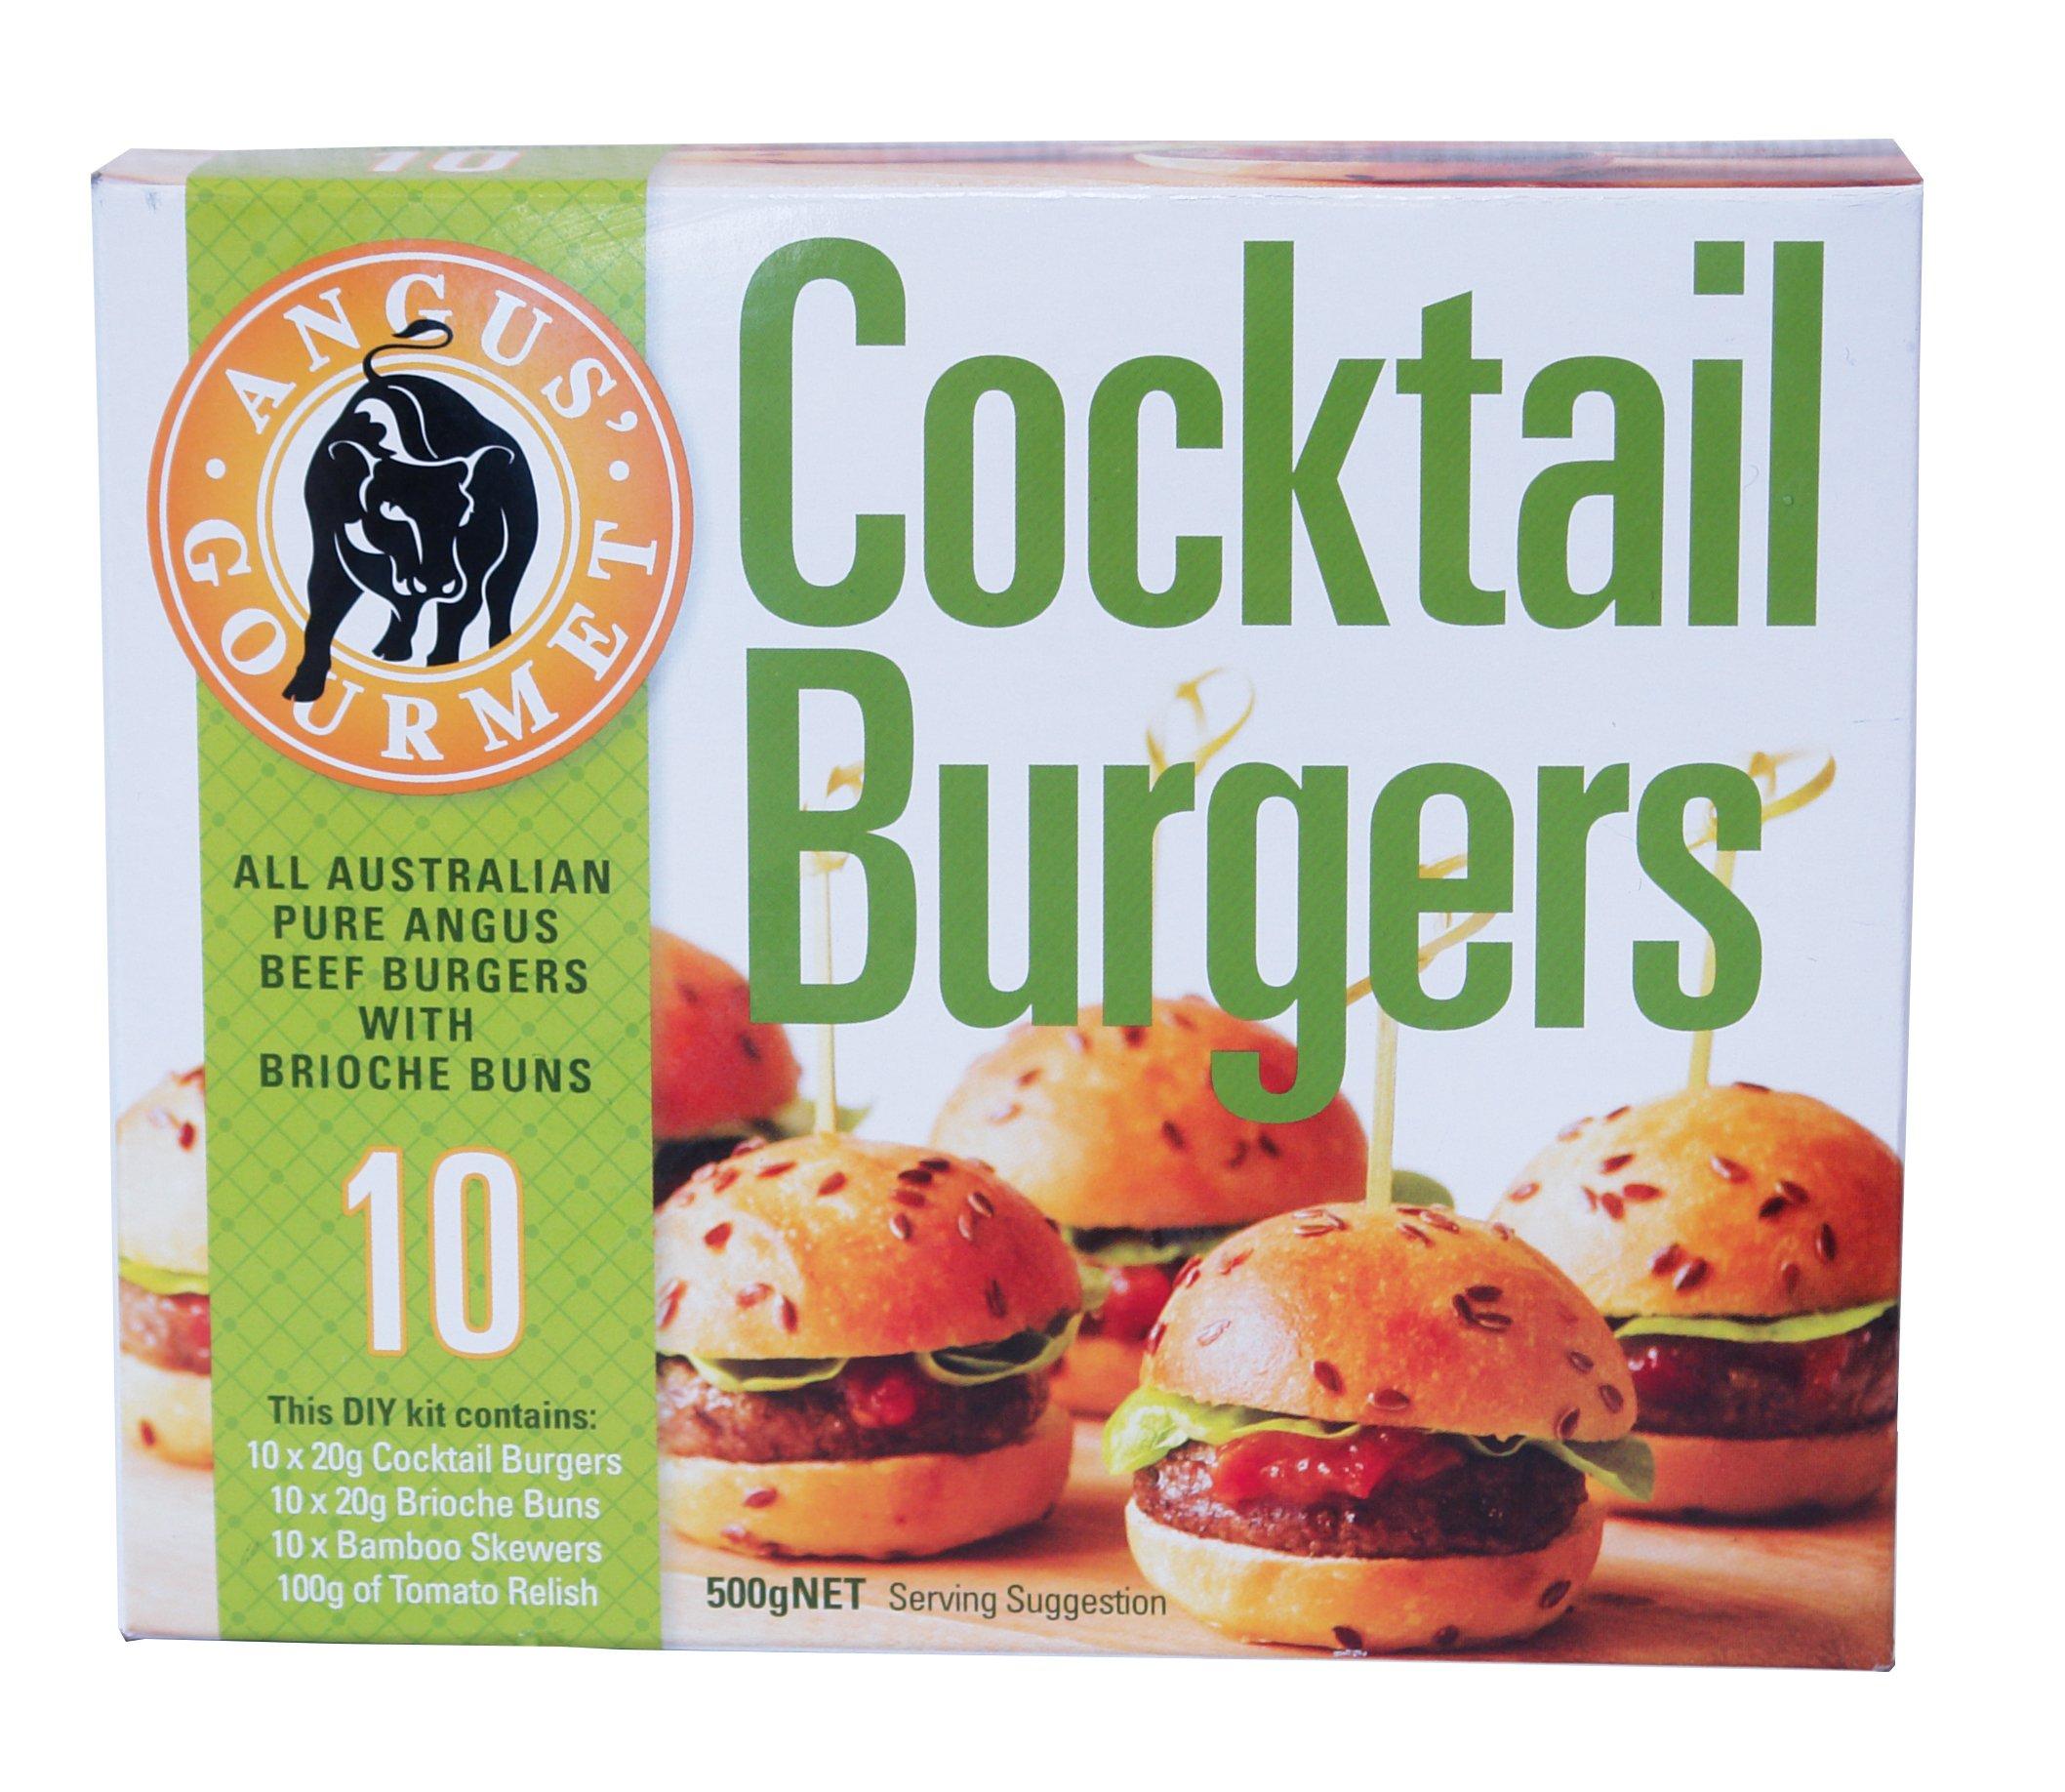 ミニ ハンバーガー キット 10個入り